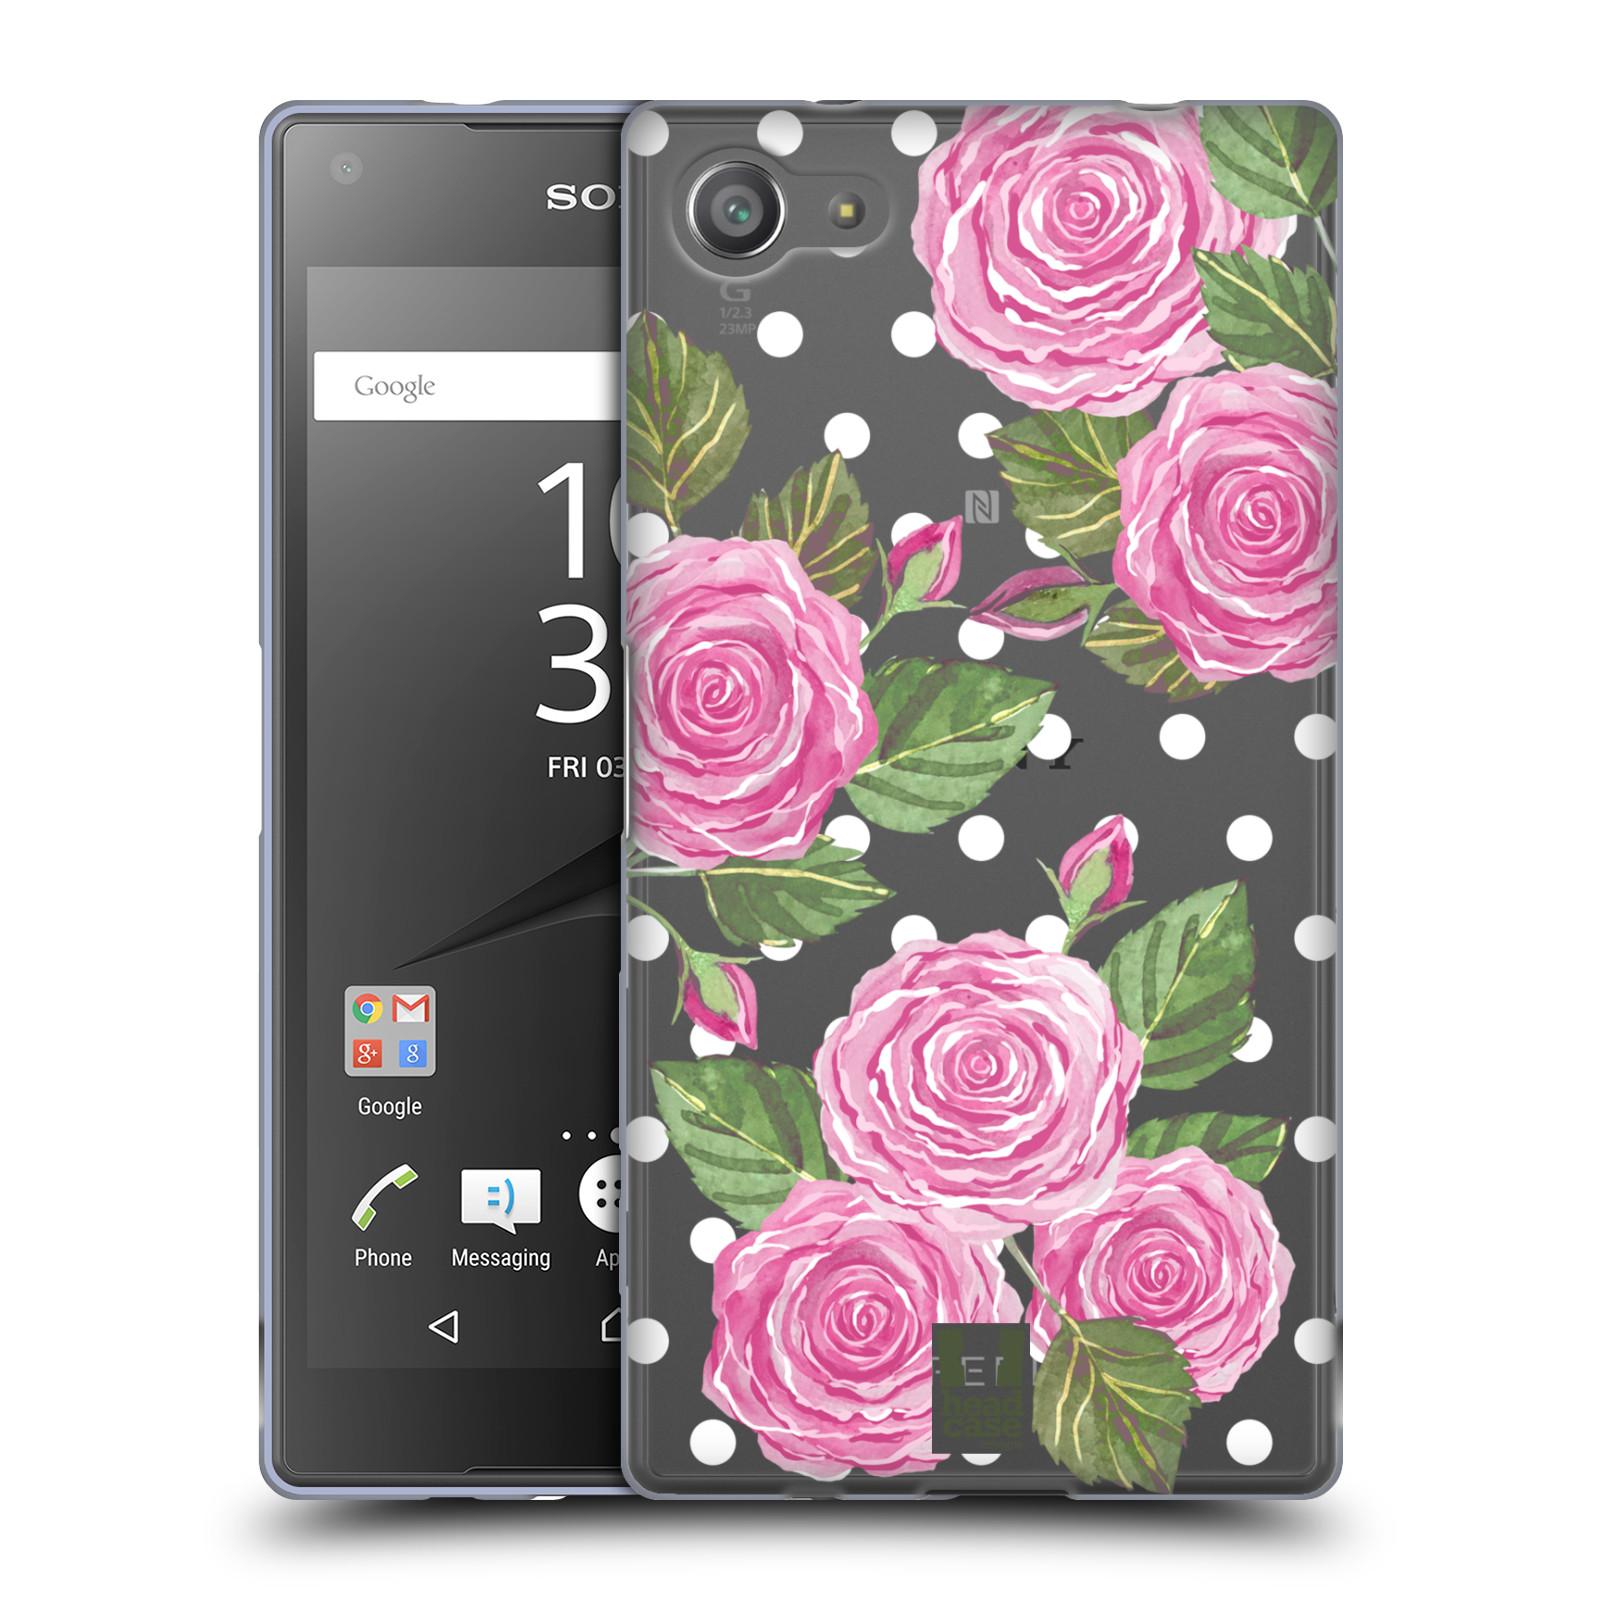 Silikonové pouzdro na mobil Sony Xperia Z5 Compact - Head Case - Hezoučké růžičky - průhledné